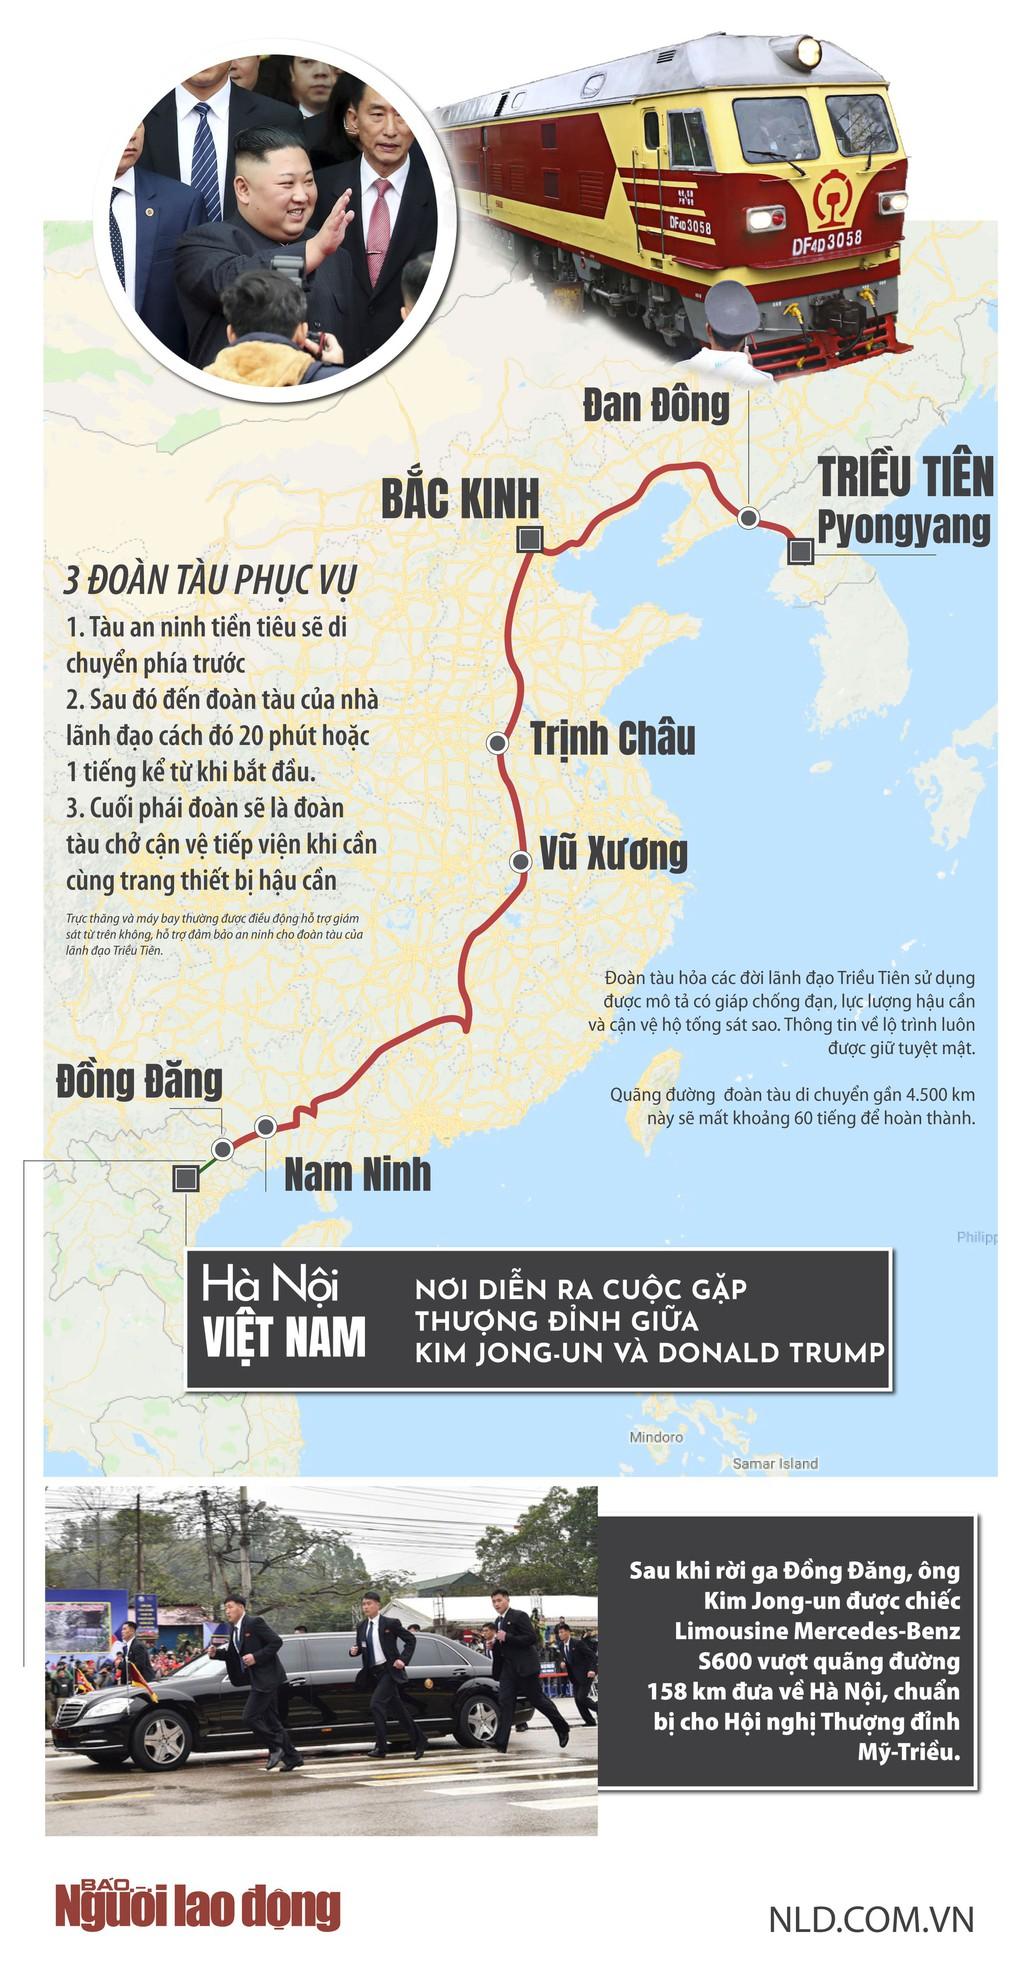 [Infographic] - Cận cảnh hành trình của Chủ tịch Triều Tiên Kim Jong-un đến Việt Nam - Ảnh 1.